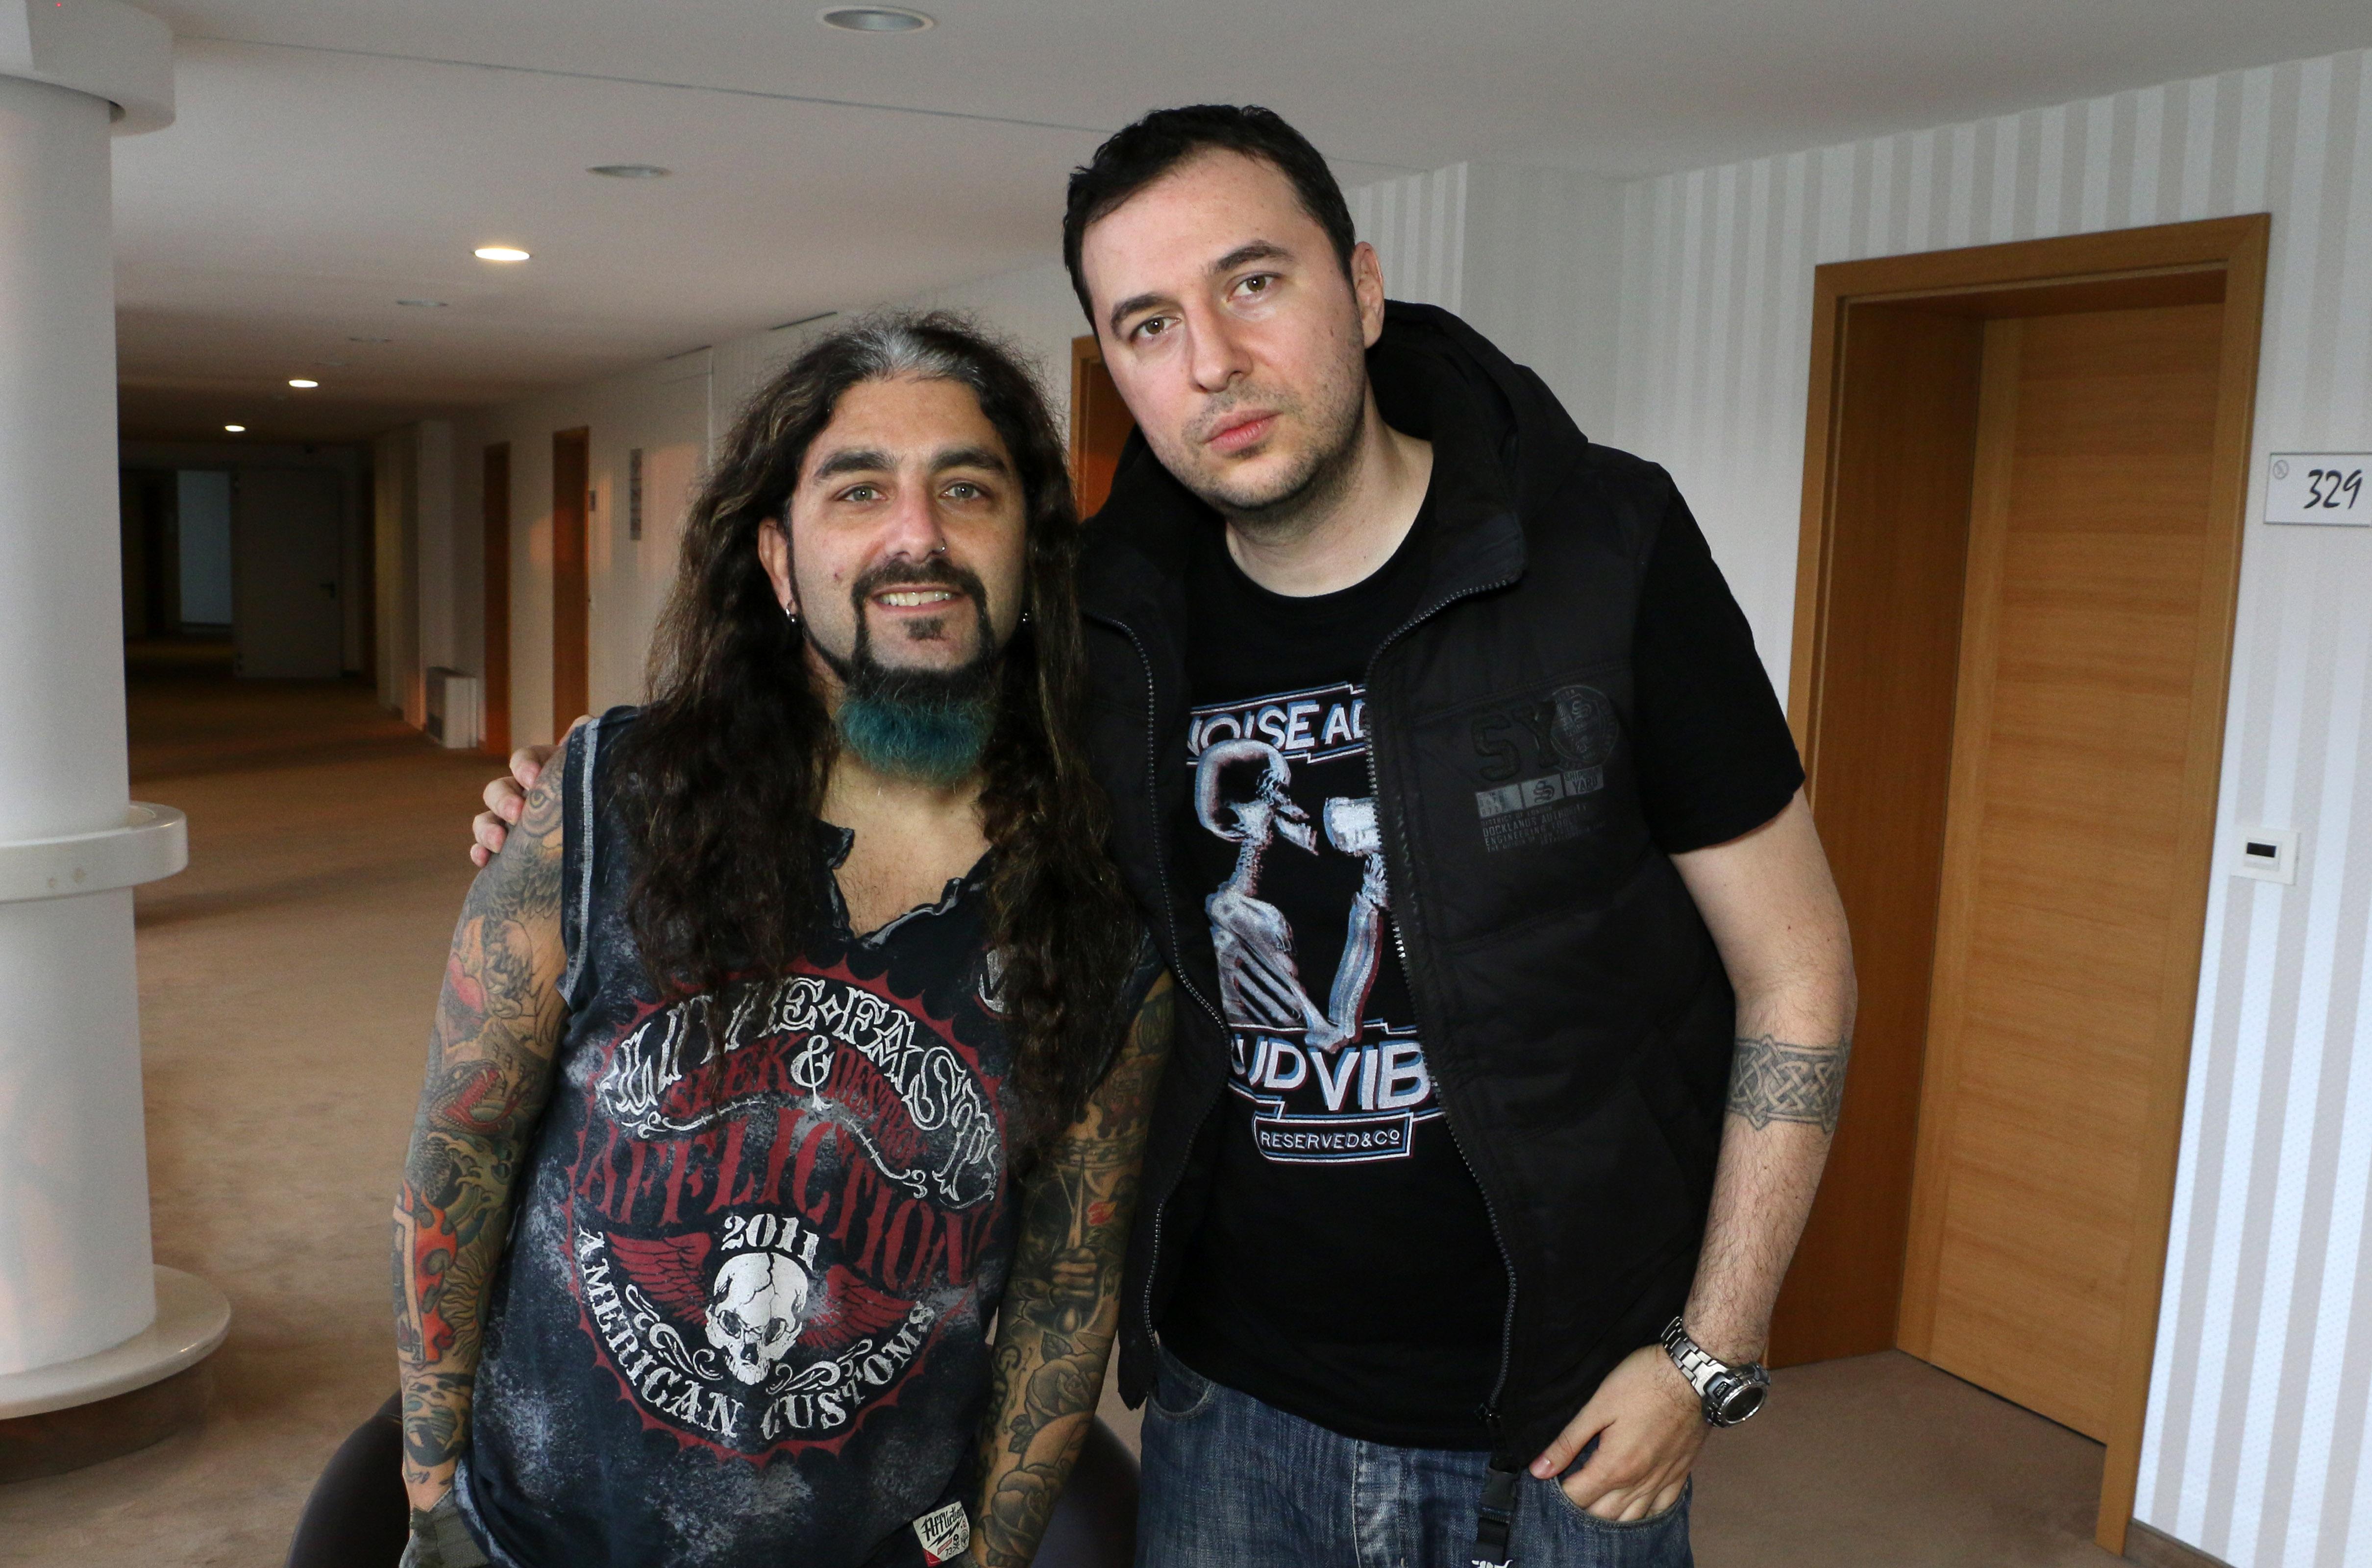 Vasko & Mike Portnoy